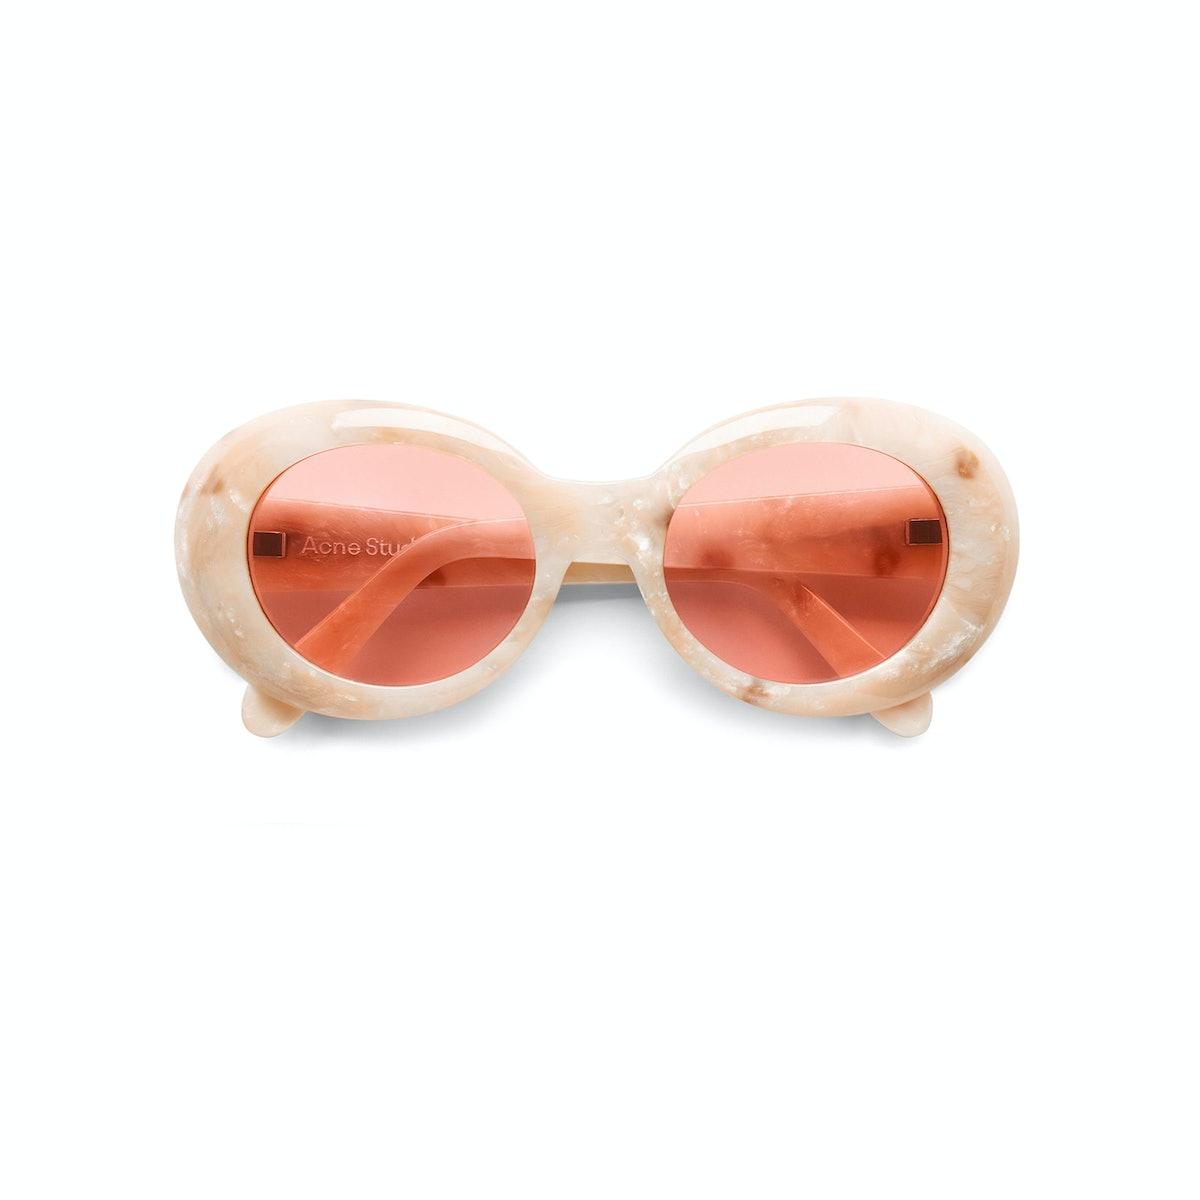 Acne Studios sunglasses